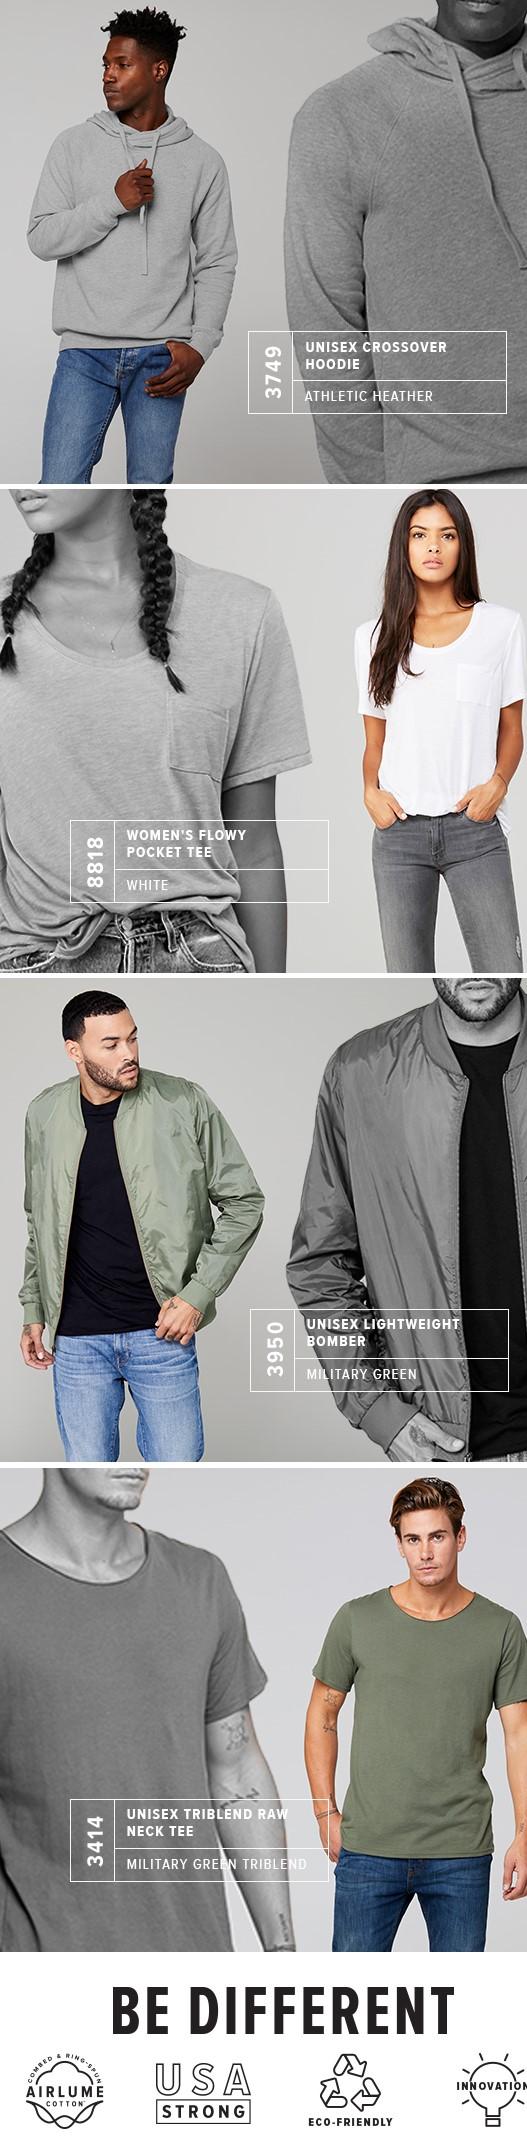 Fast fashion 2 edited.jpg